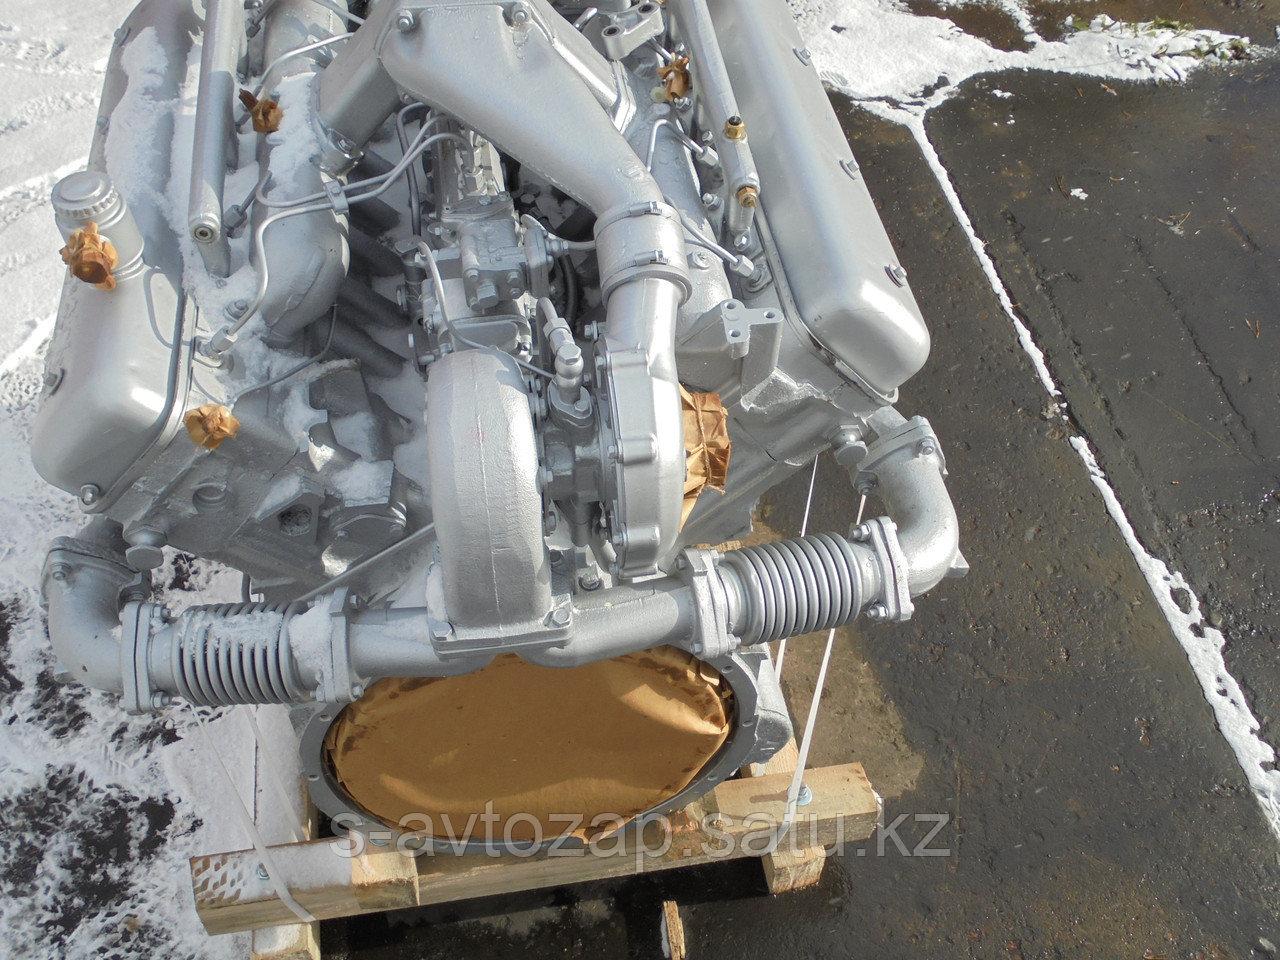 Двигатель без коробки передач со сцеплением 4 компл. (ПАО Автодизель) для двигателя ЯМЗ  238НД4-1000150